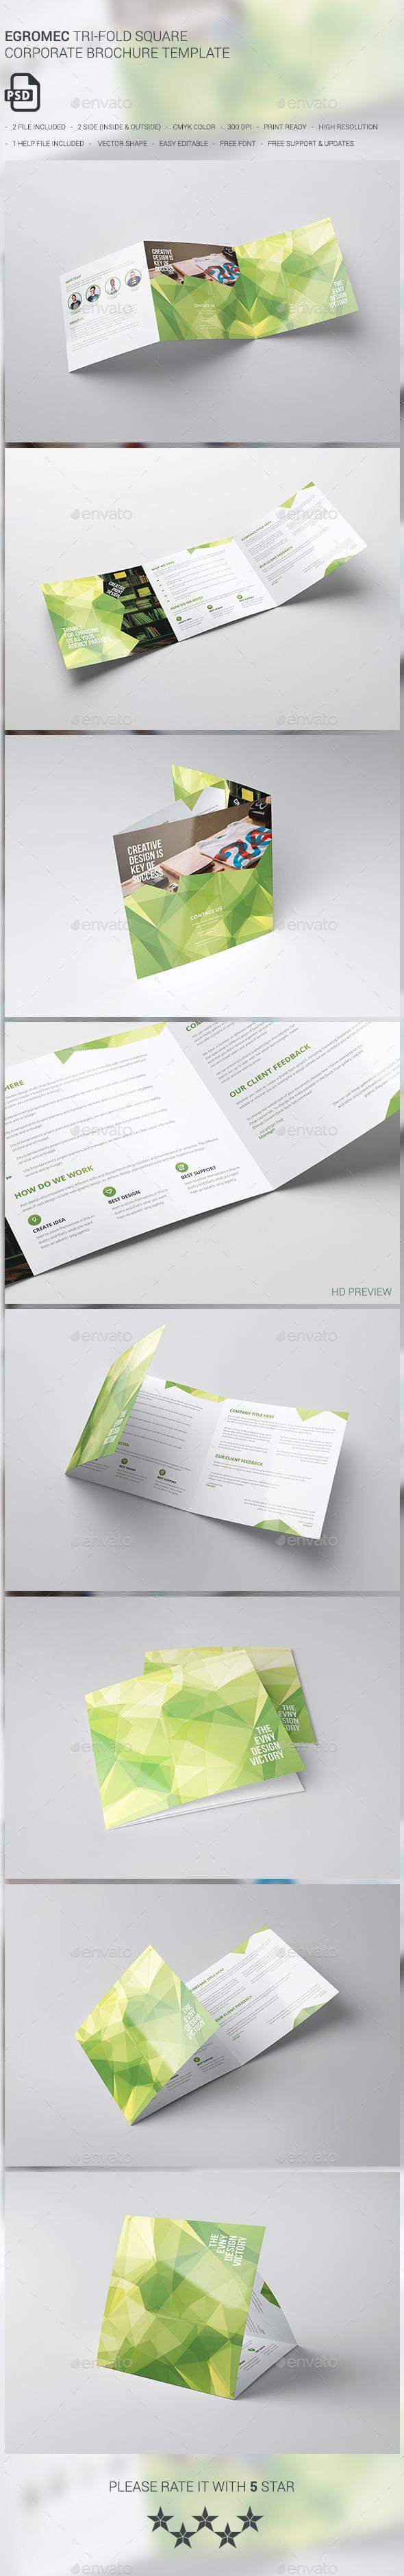 Egromec Square Tri-fold Brochure - Brochures Print Templates